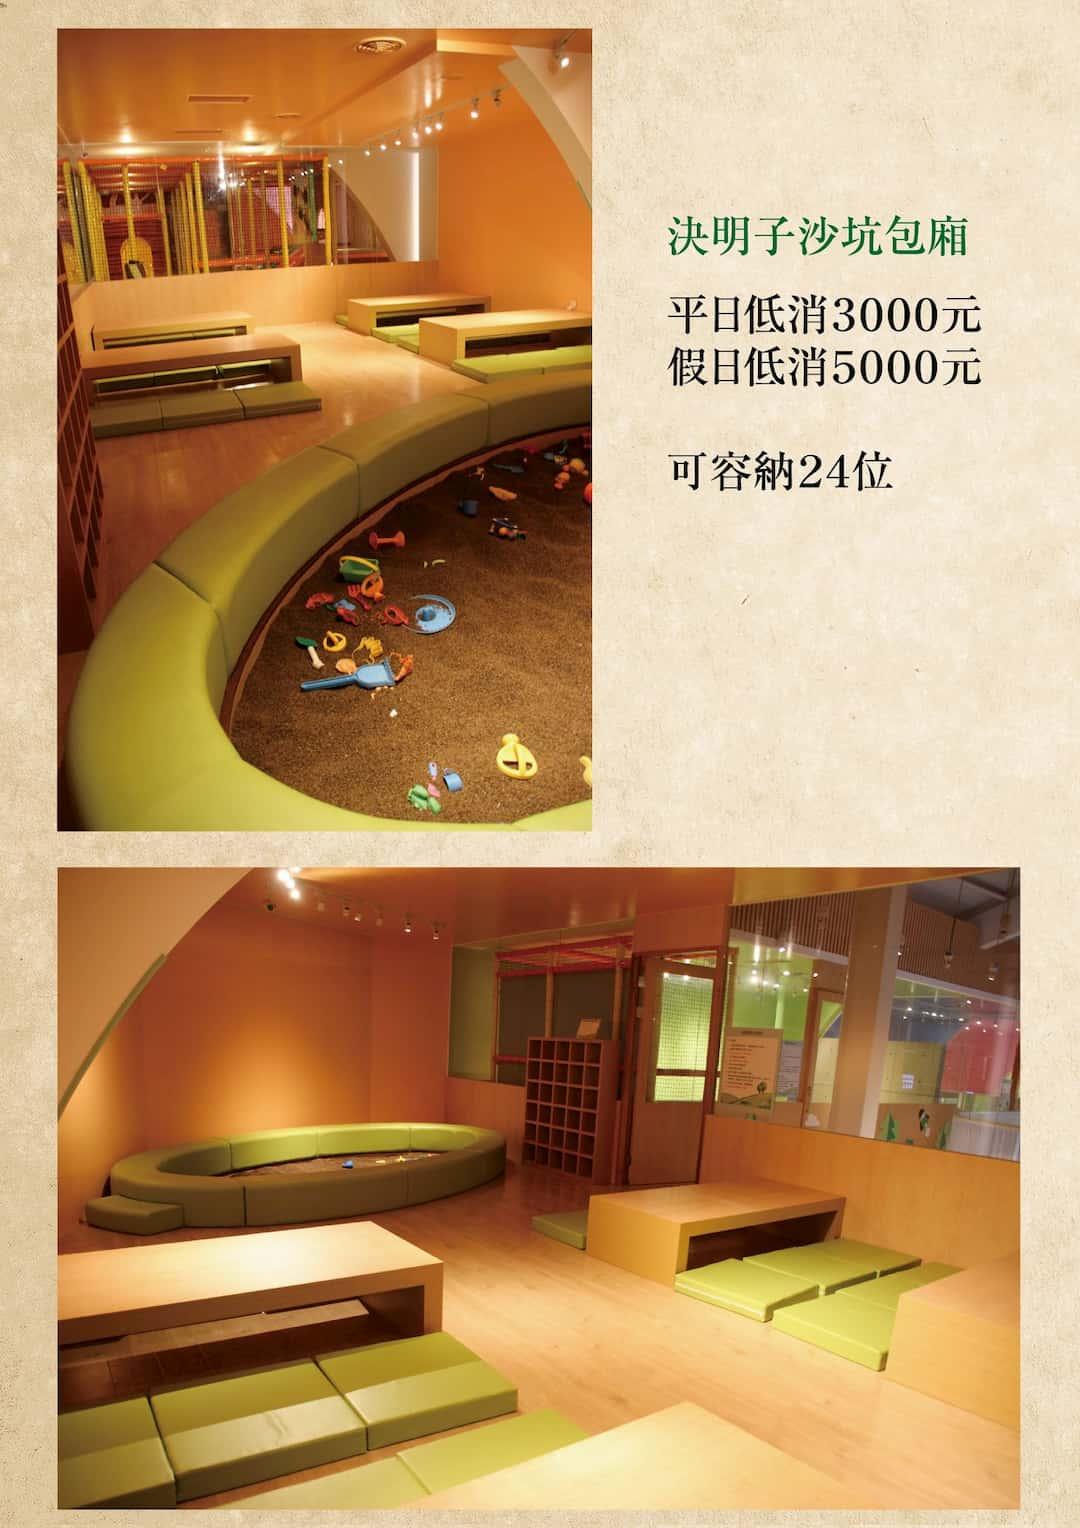 叉子餐廳- 2F兒童遊戲決明子沙坑包廂區- 圖片來源:叉子餐廳官方FB